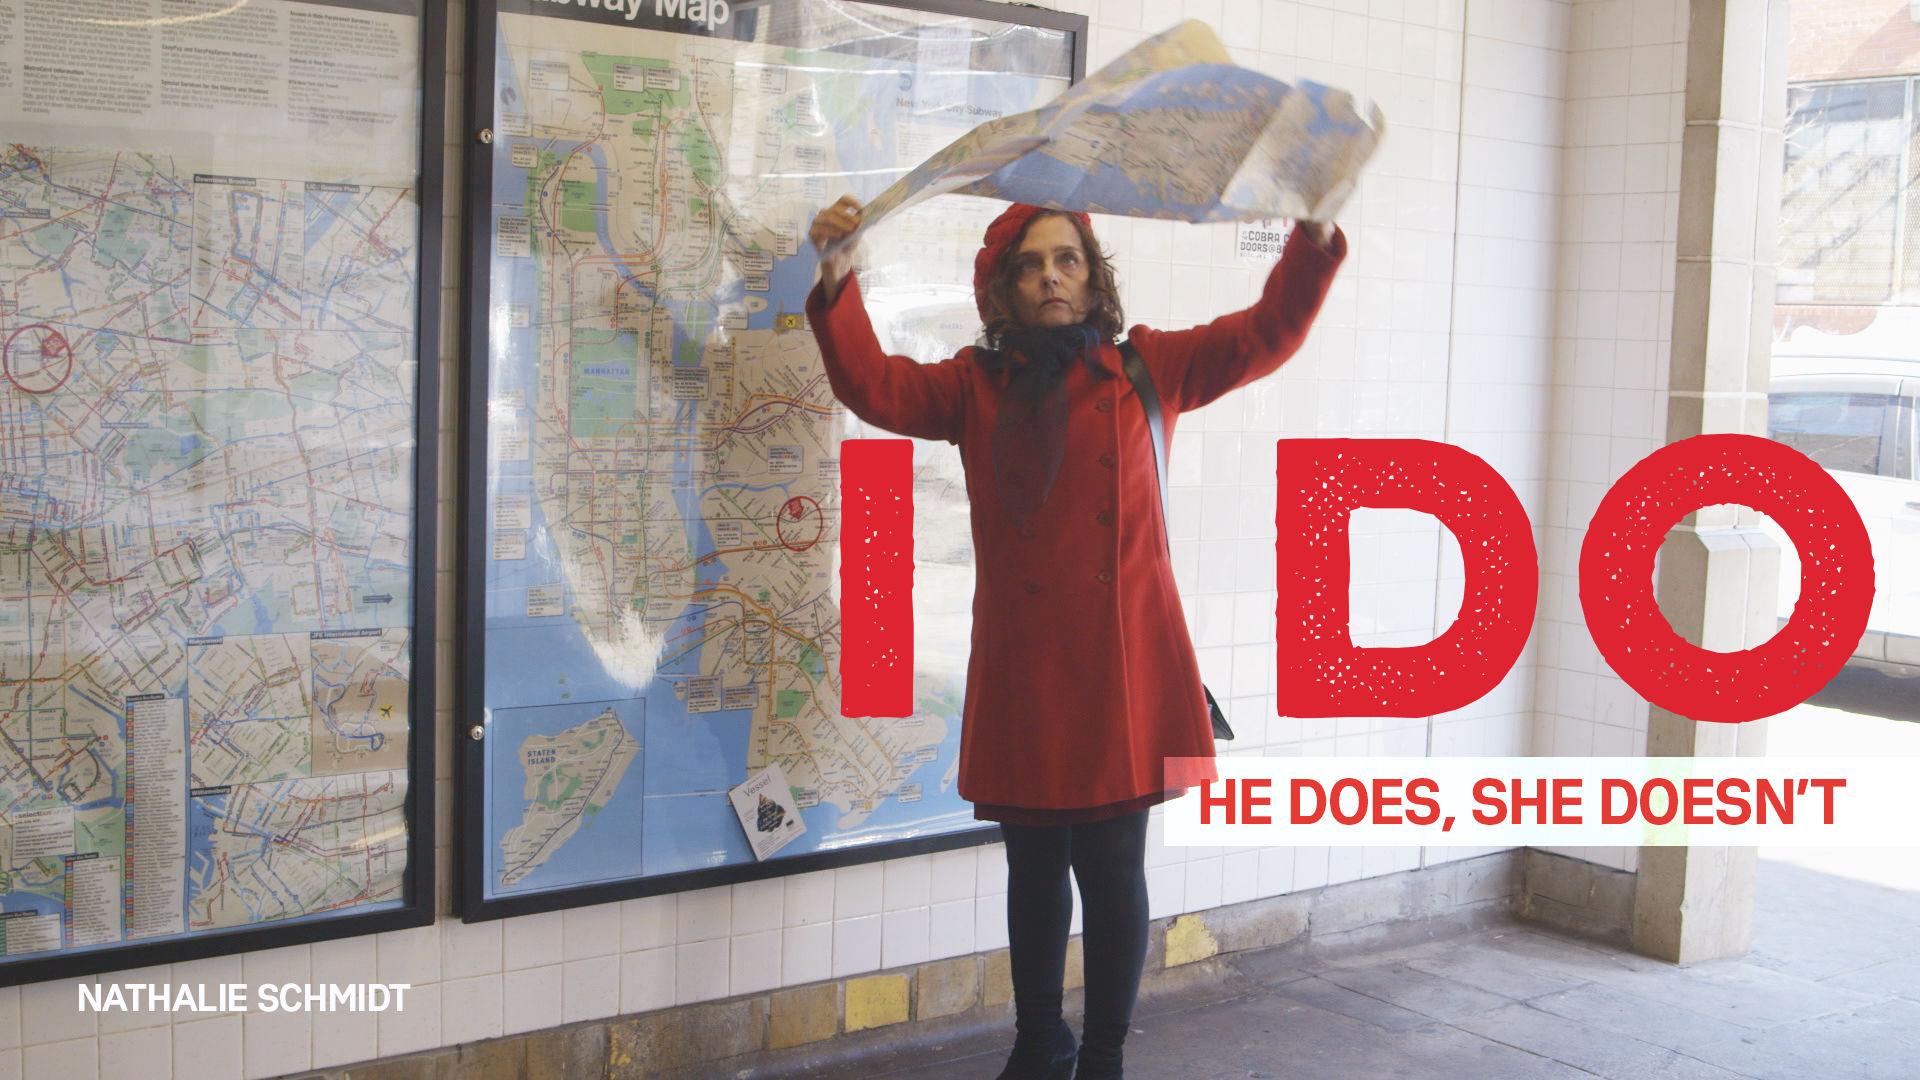 I DO (trailer)